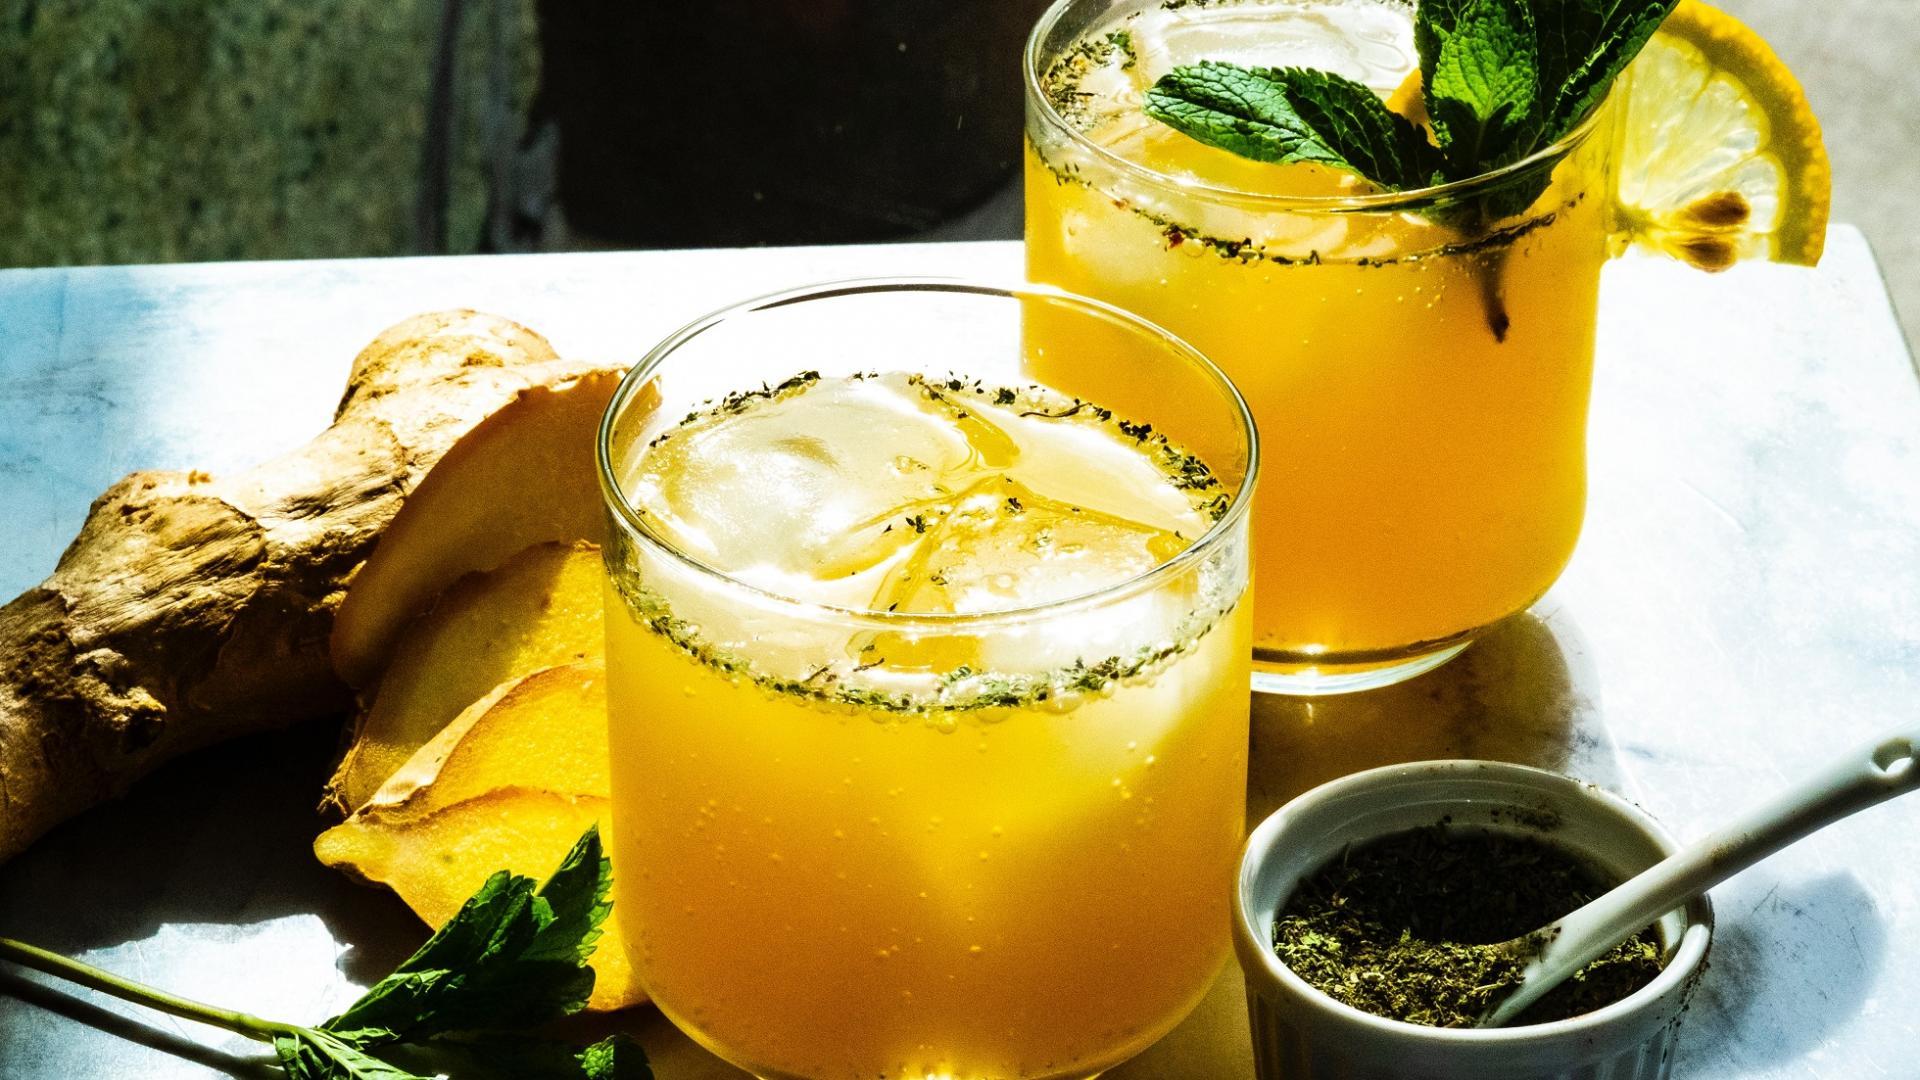 zwei Gäser mit Ingwergetränk und Zitrone auf einem Tisch